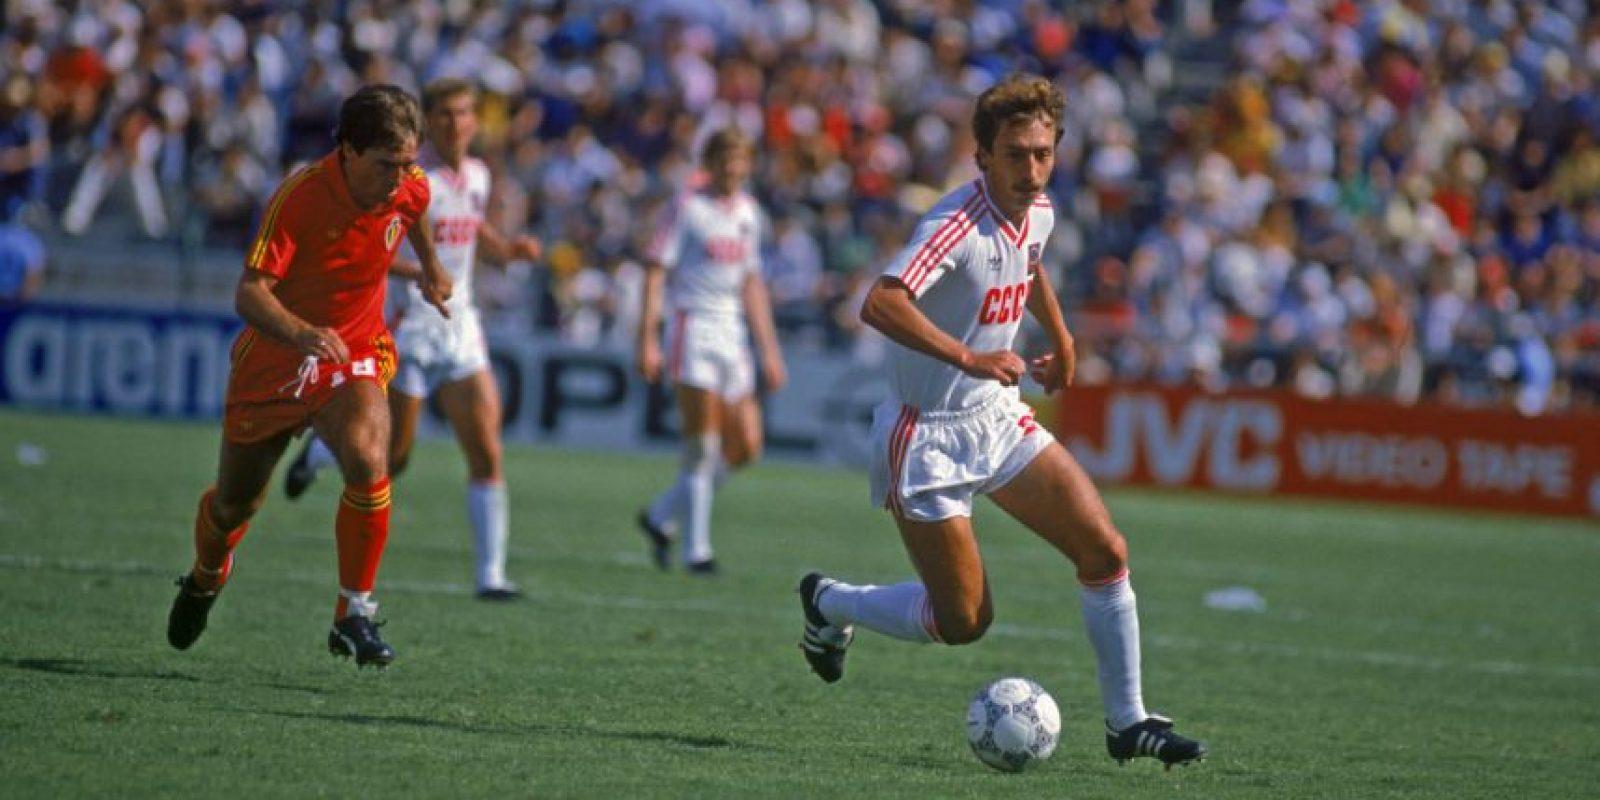 Sergei Aleinikov es el cuarto tanto más rápido y lo consiguió cuando marcó a los 2:07 minutos en la victoria por 2 a 1 ante Irlanda en la Eurocopa de 1988 Foto:Getty Images